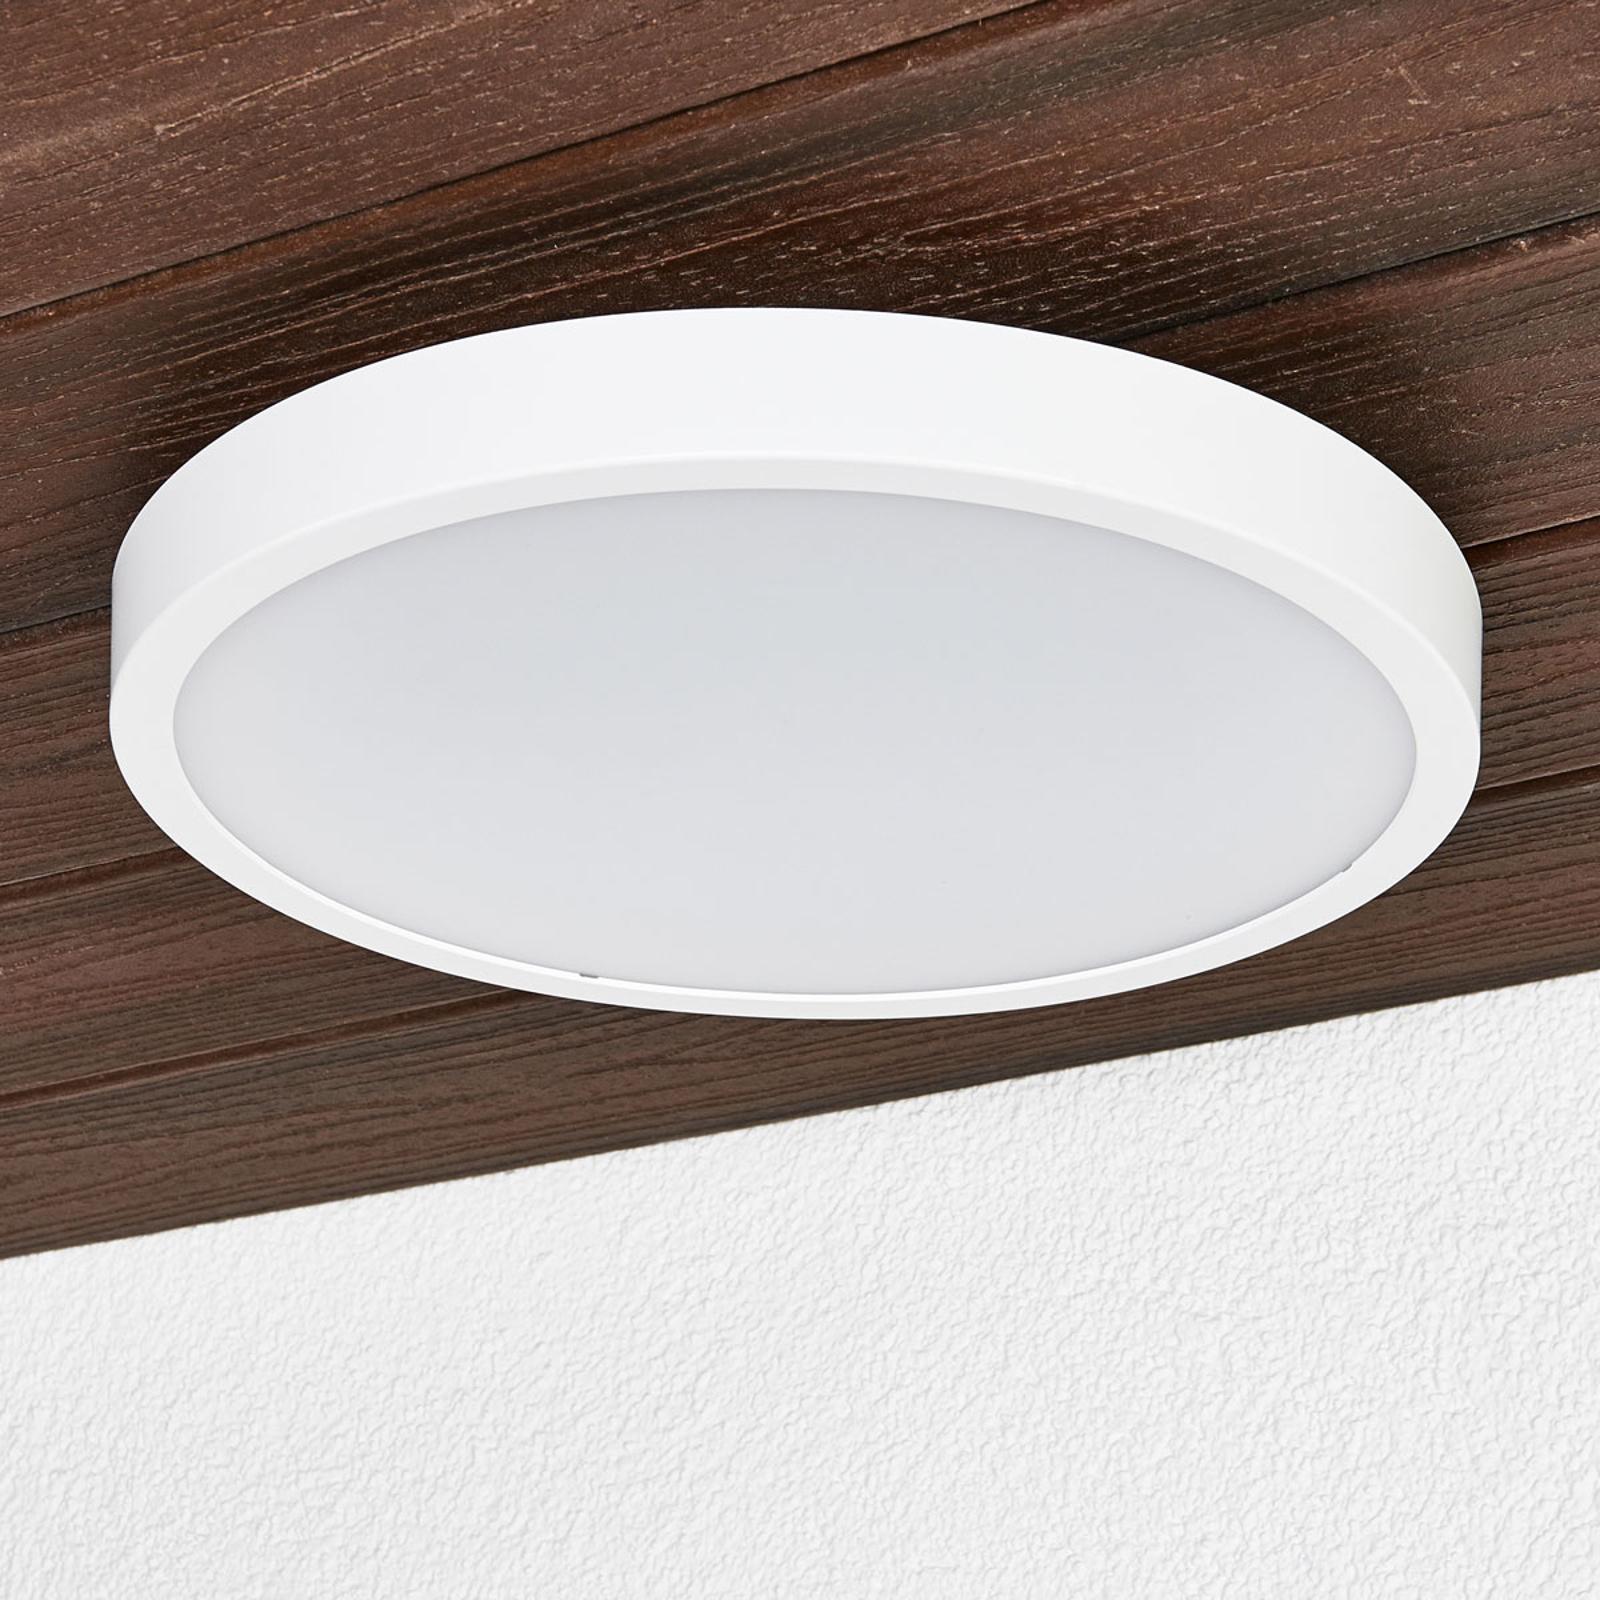 Runde LED-Deckenlampe Liyan in Weiß